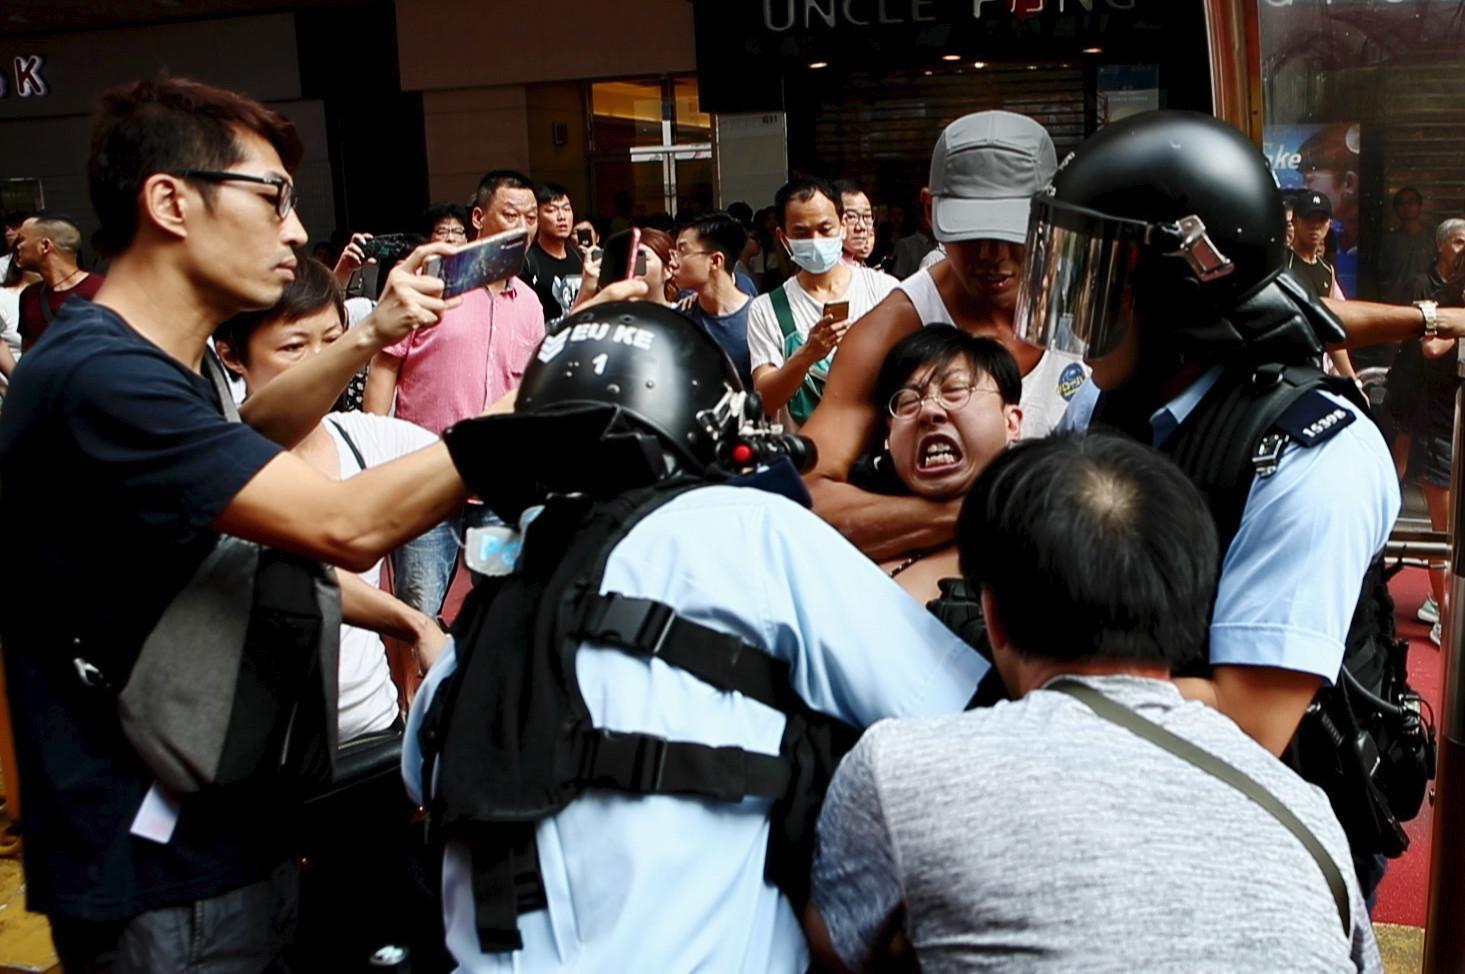 Cena do curta Do Not Split. Ao centro, vemos um grupo de policiais prendendo um manifestante honconguês. O manifestante está sendo segurado por um homem de boné com um mata leão. Pessoas em volta estão gravando a cena utilizando celulares.